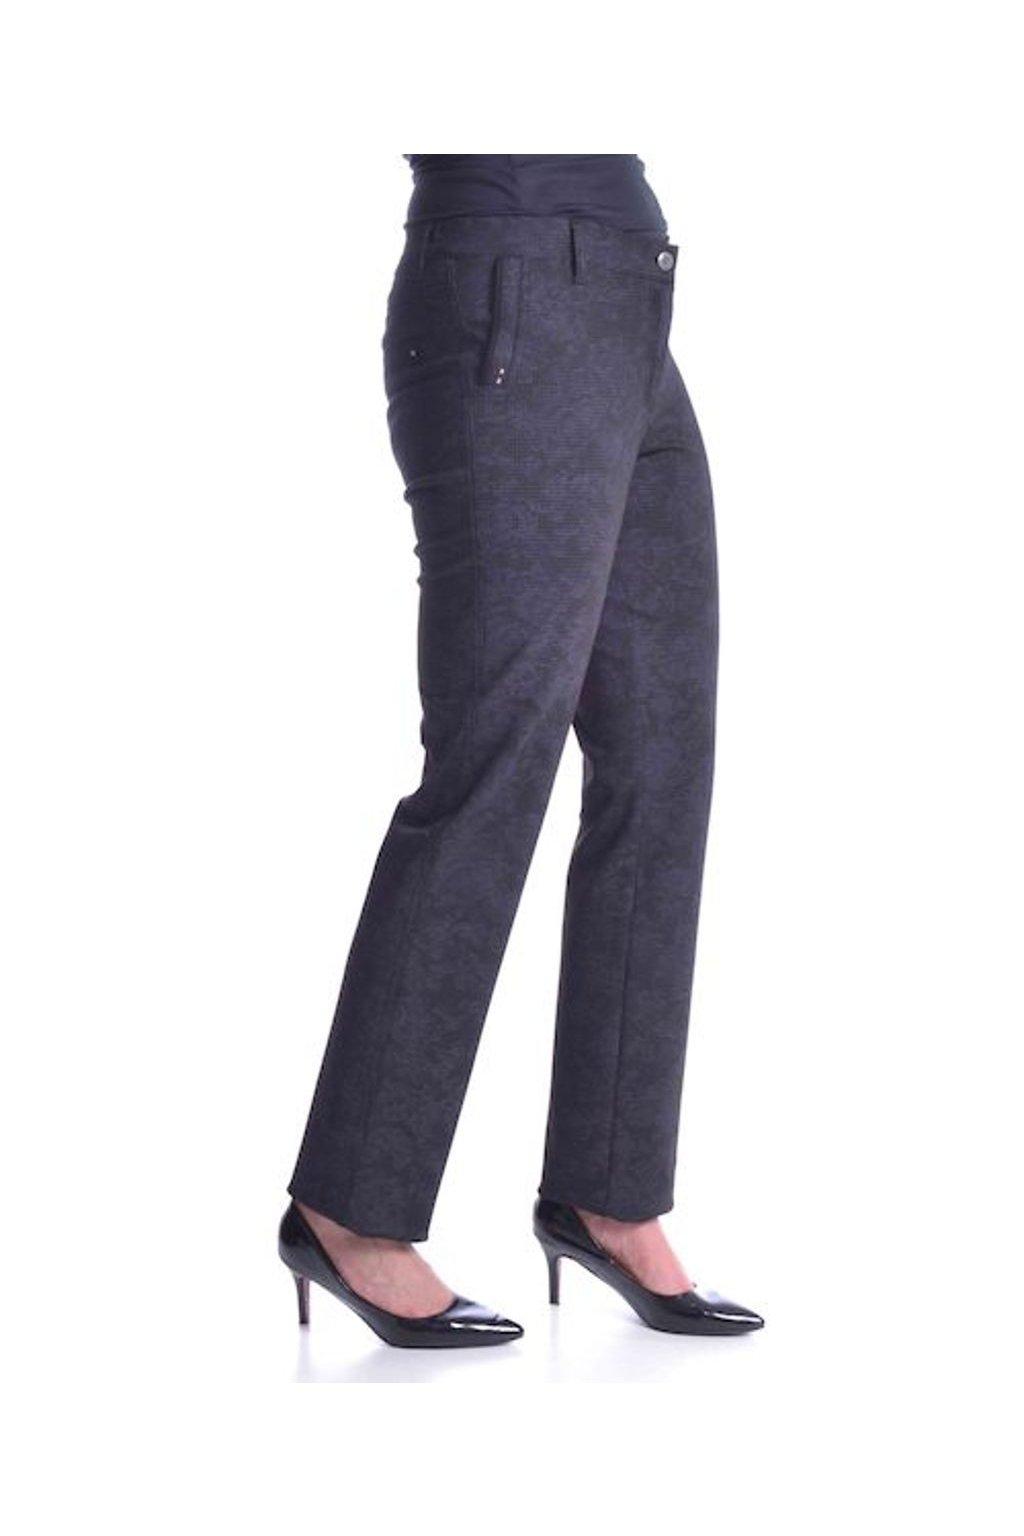 Kalhoty delux ZORA 54T (Velikost 36, Barva Vzorovaná)